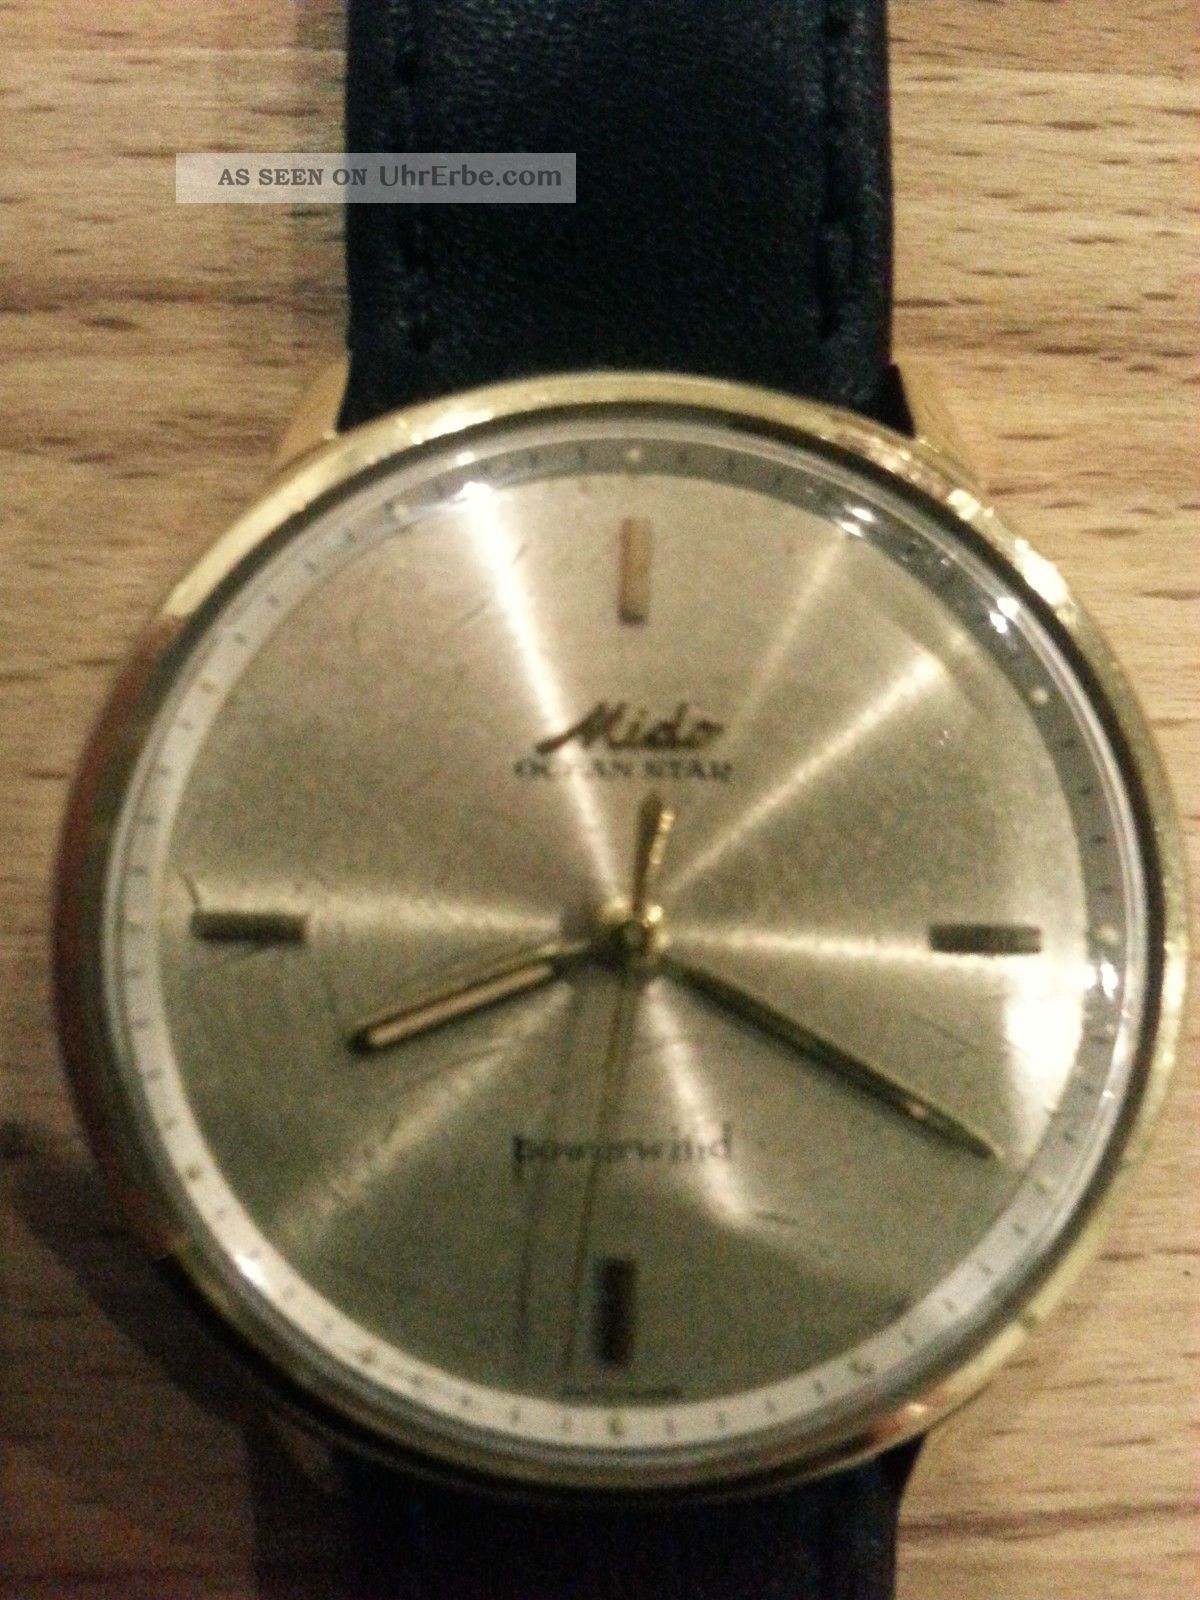 585er Gold Mido Ocean Star Powerwind Herren Lederarmbanduhr Armbanduhren Bild